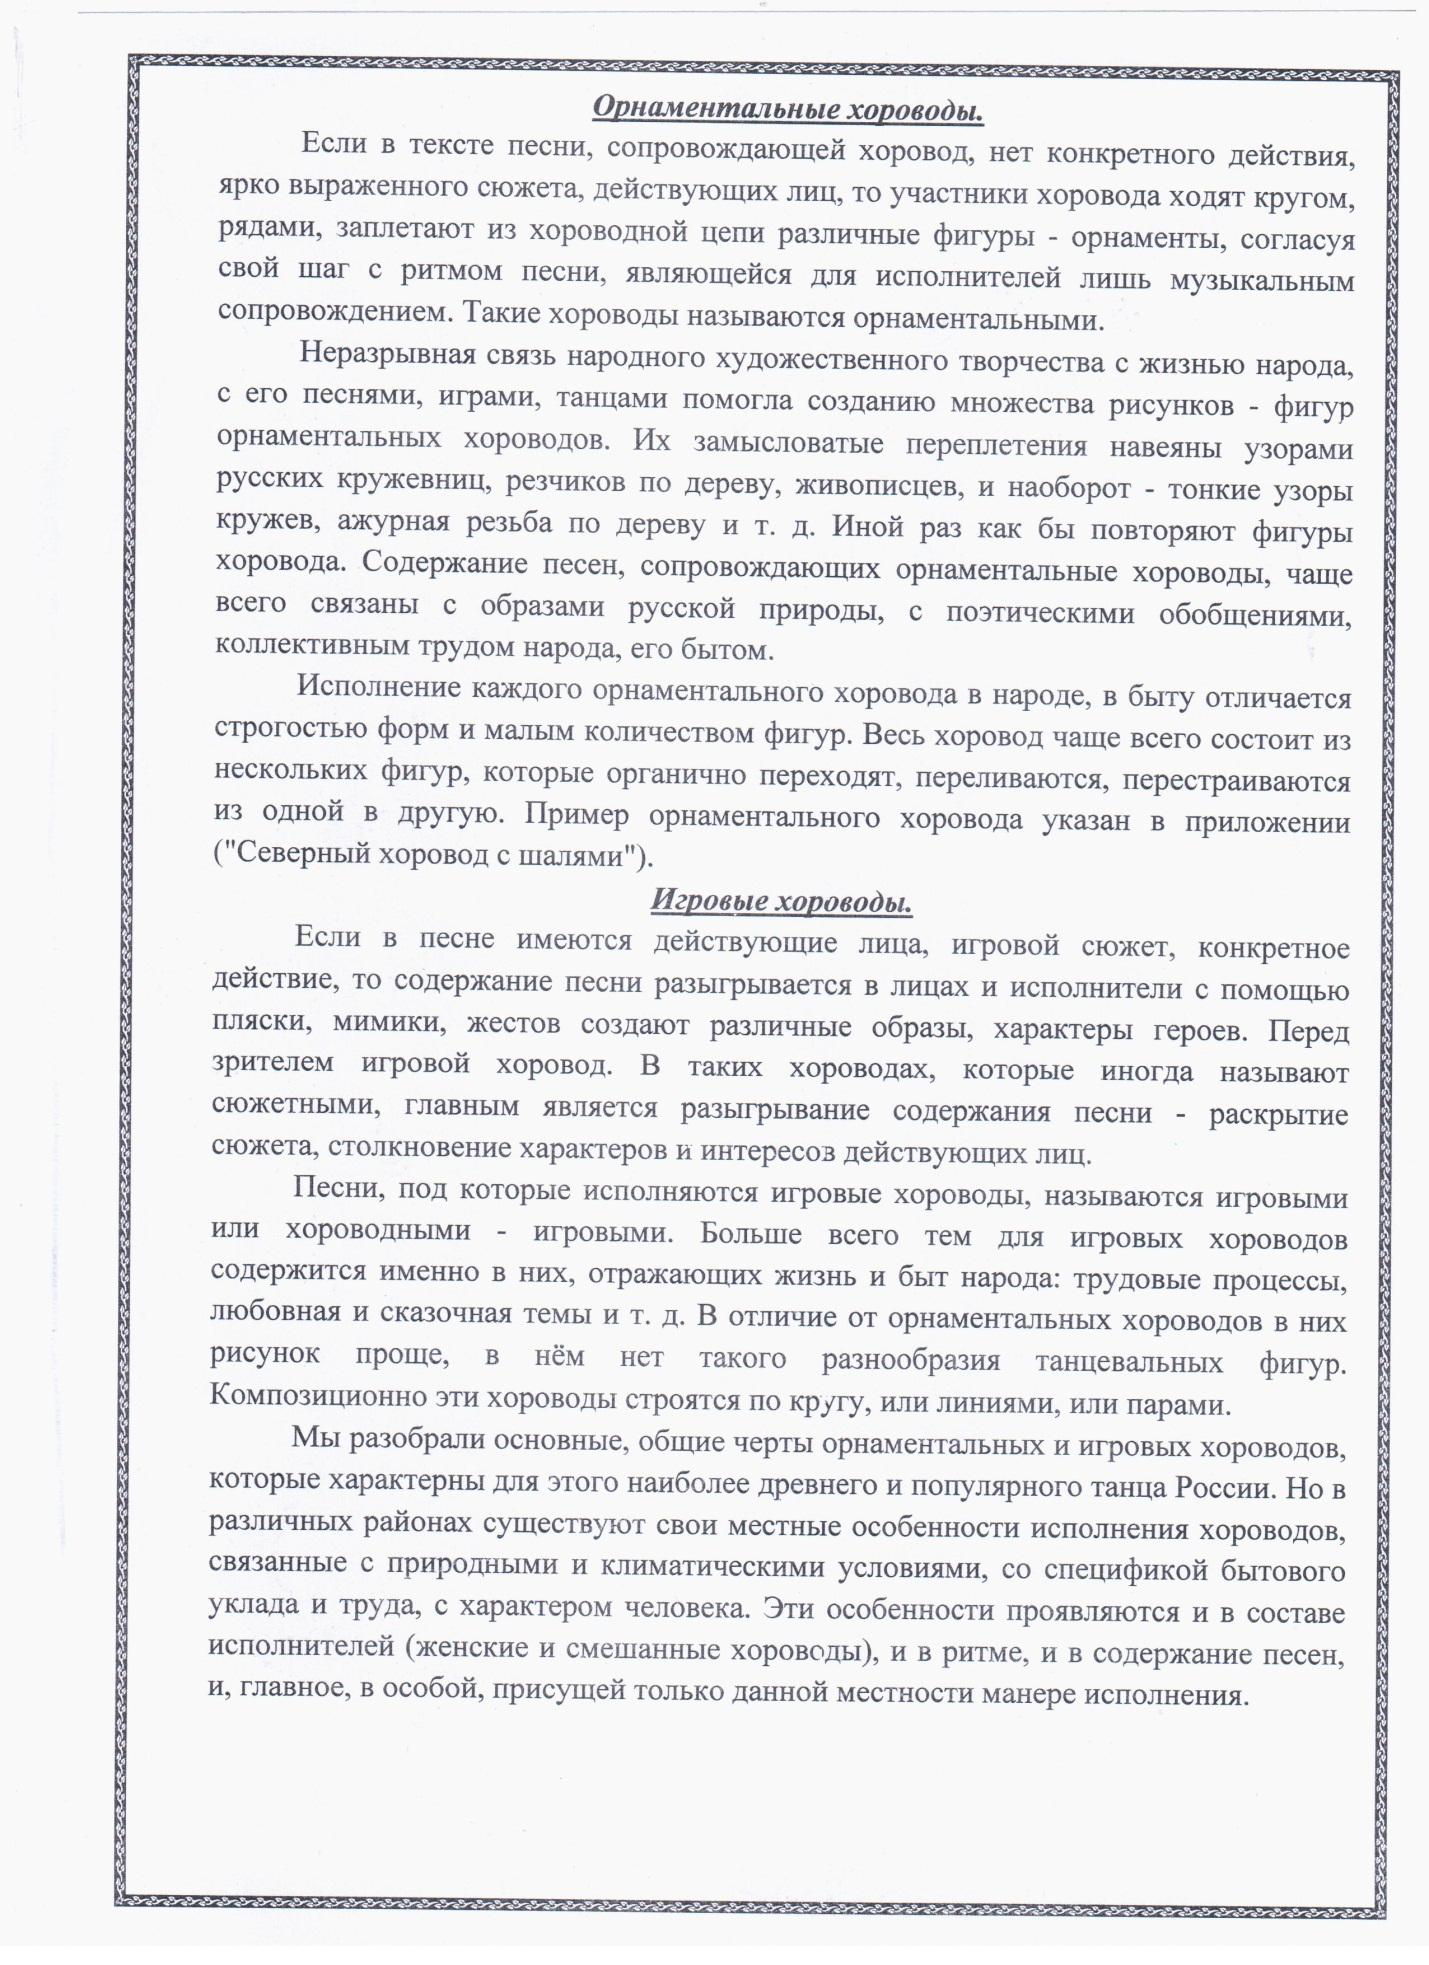 E:\доклад русский танец и еев иды\7.jpeg